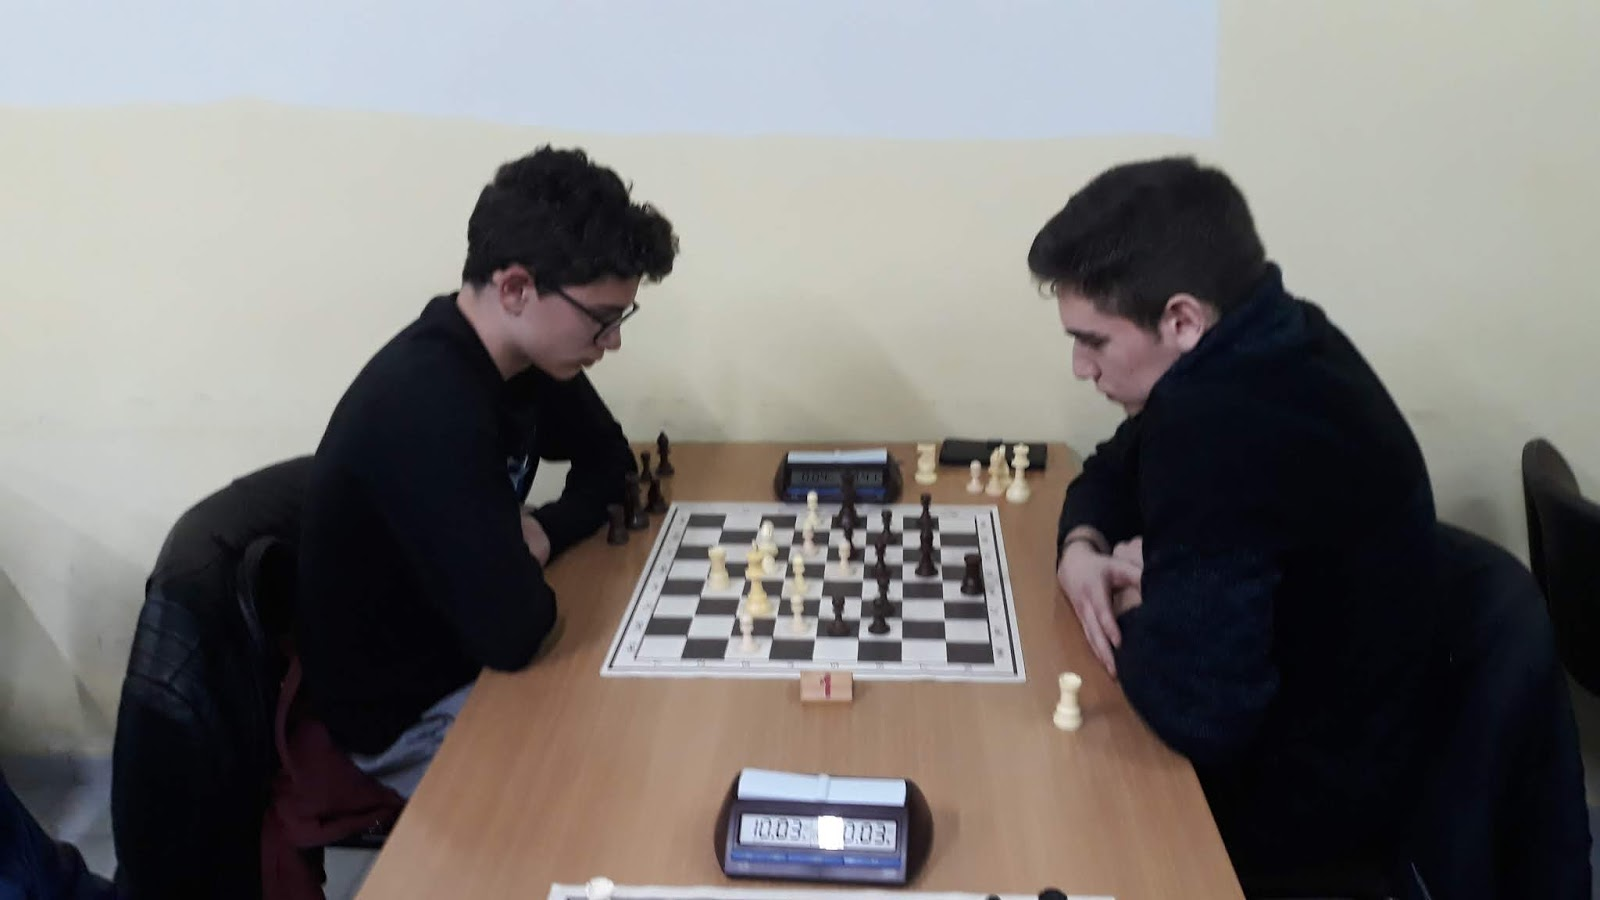 Σκακιστικός Όμιλος Αιγάλεω 20190406_204112